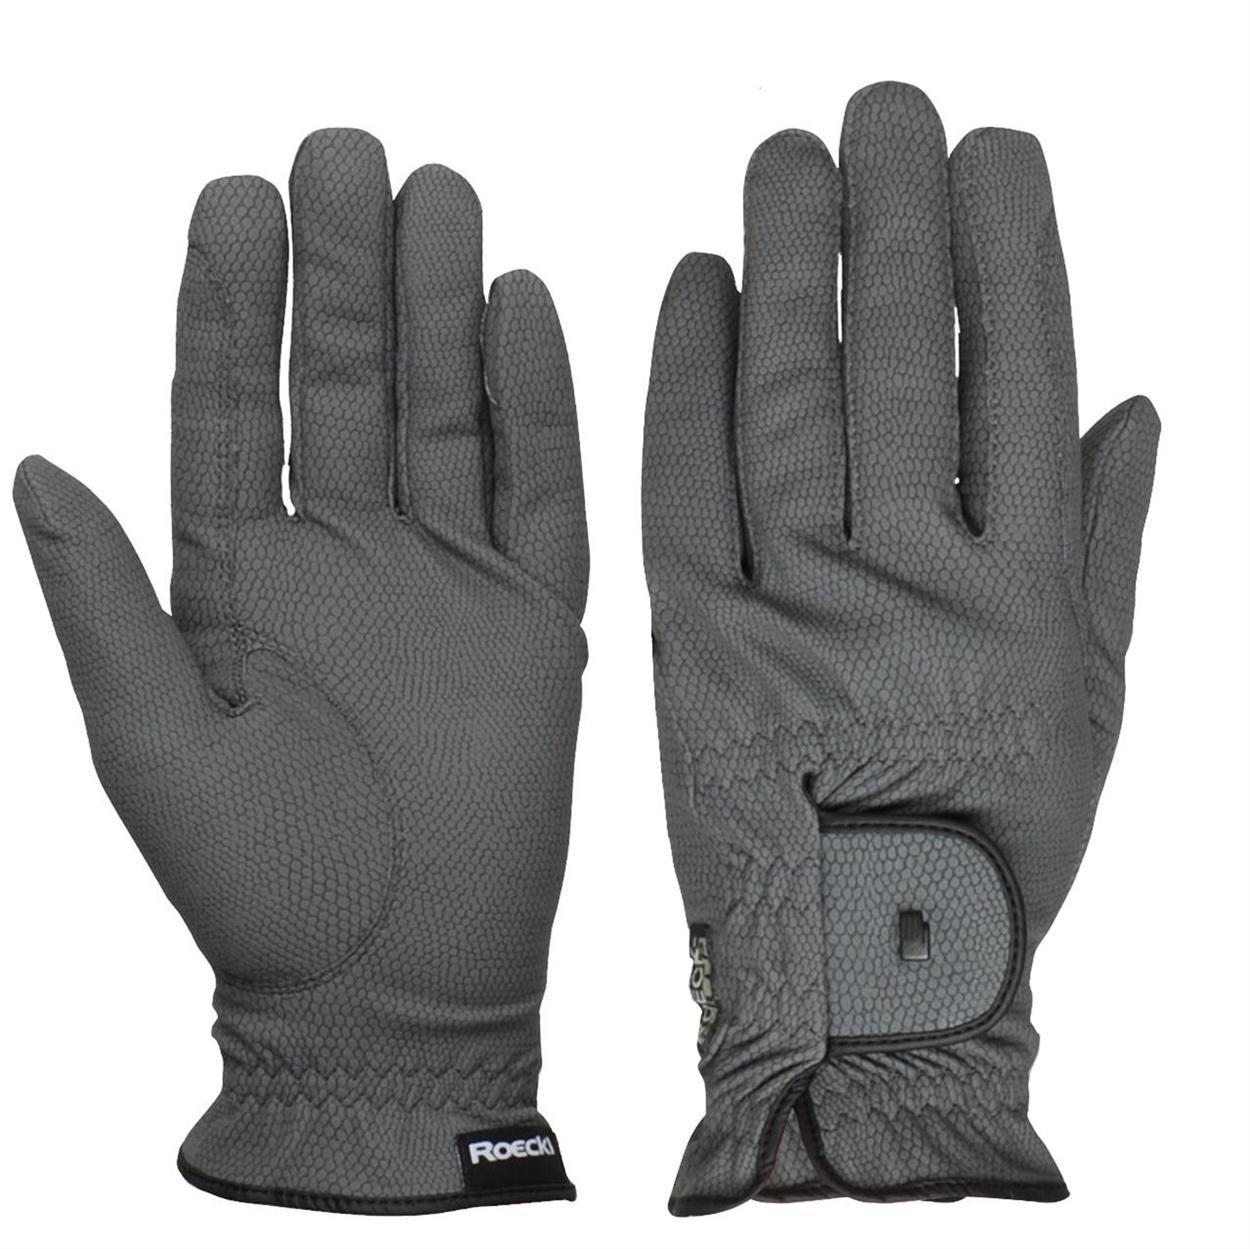 Roeckl Roeck grip Handschoen grijs maat:6,5